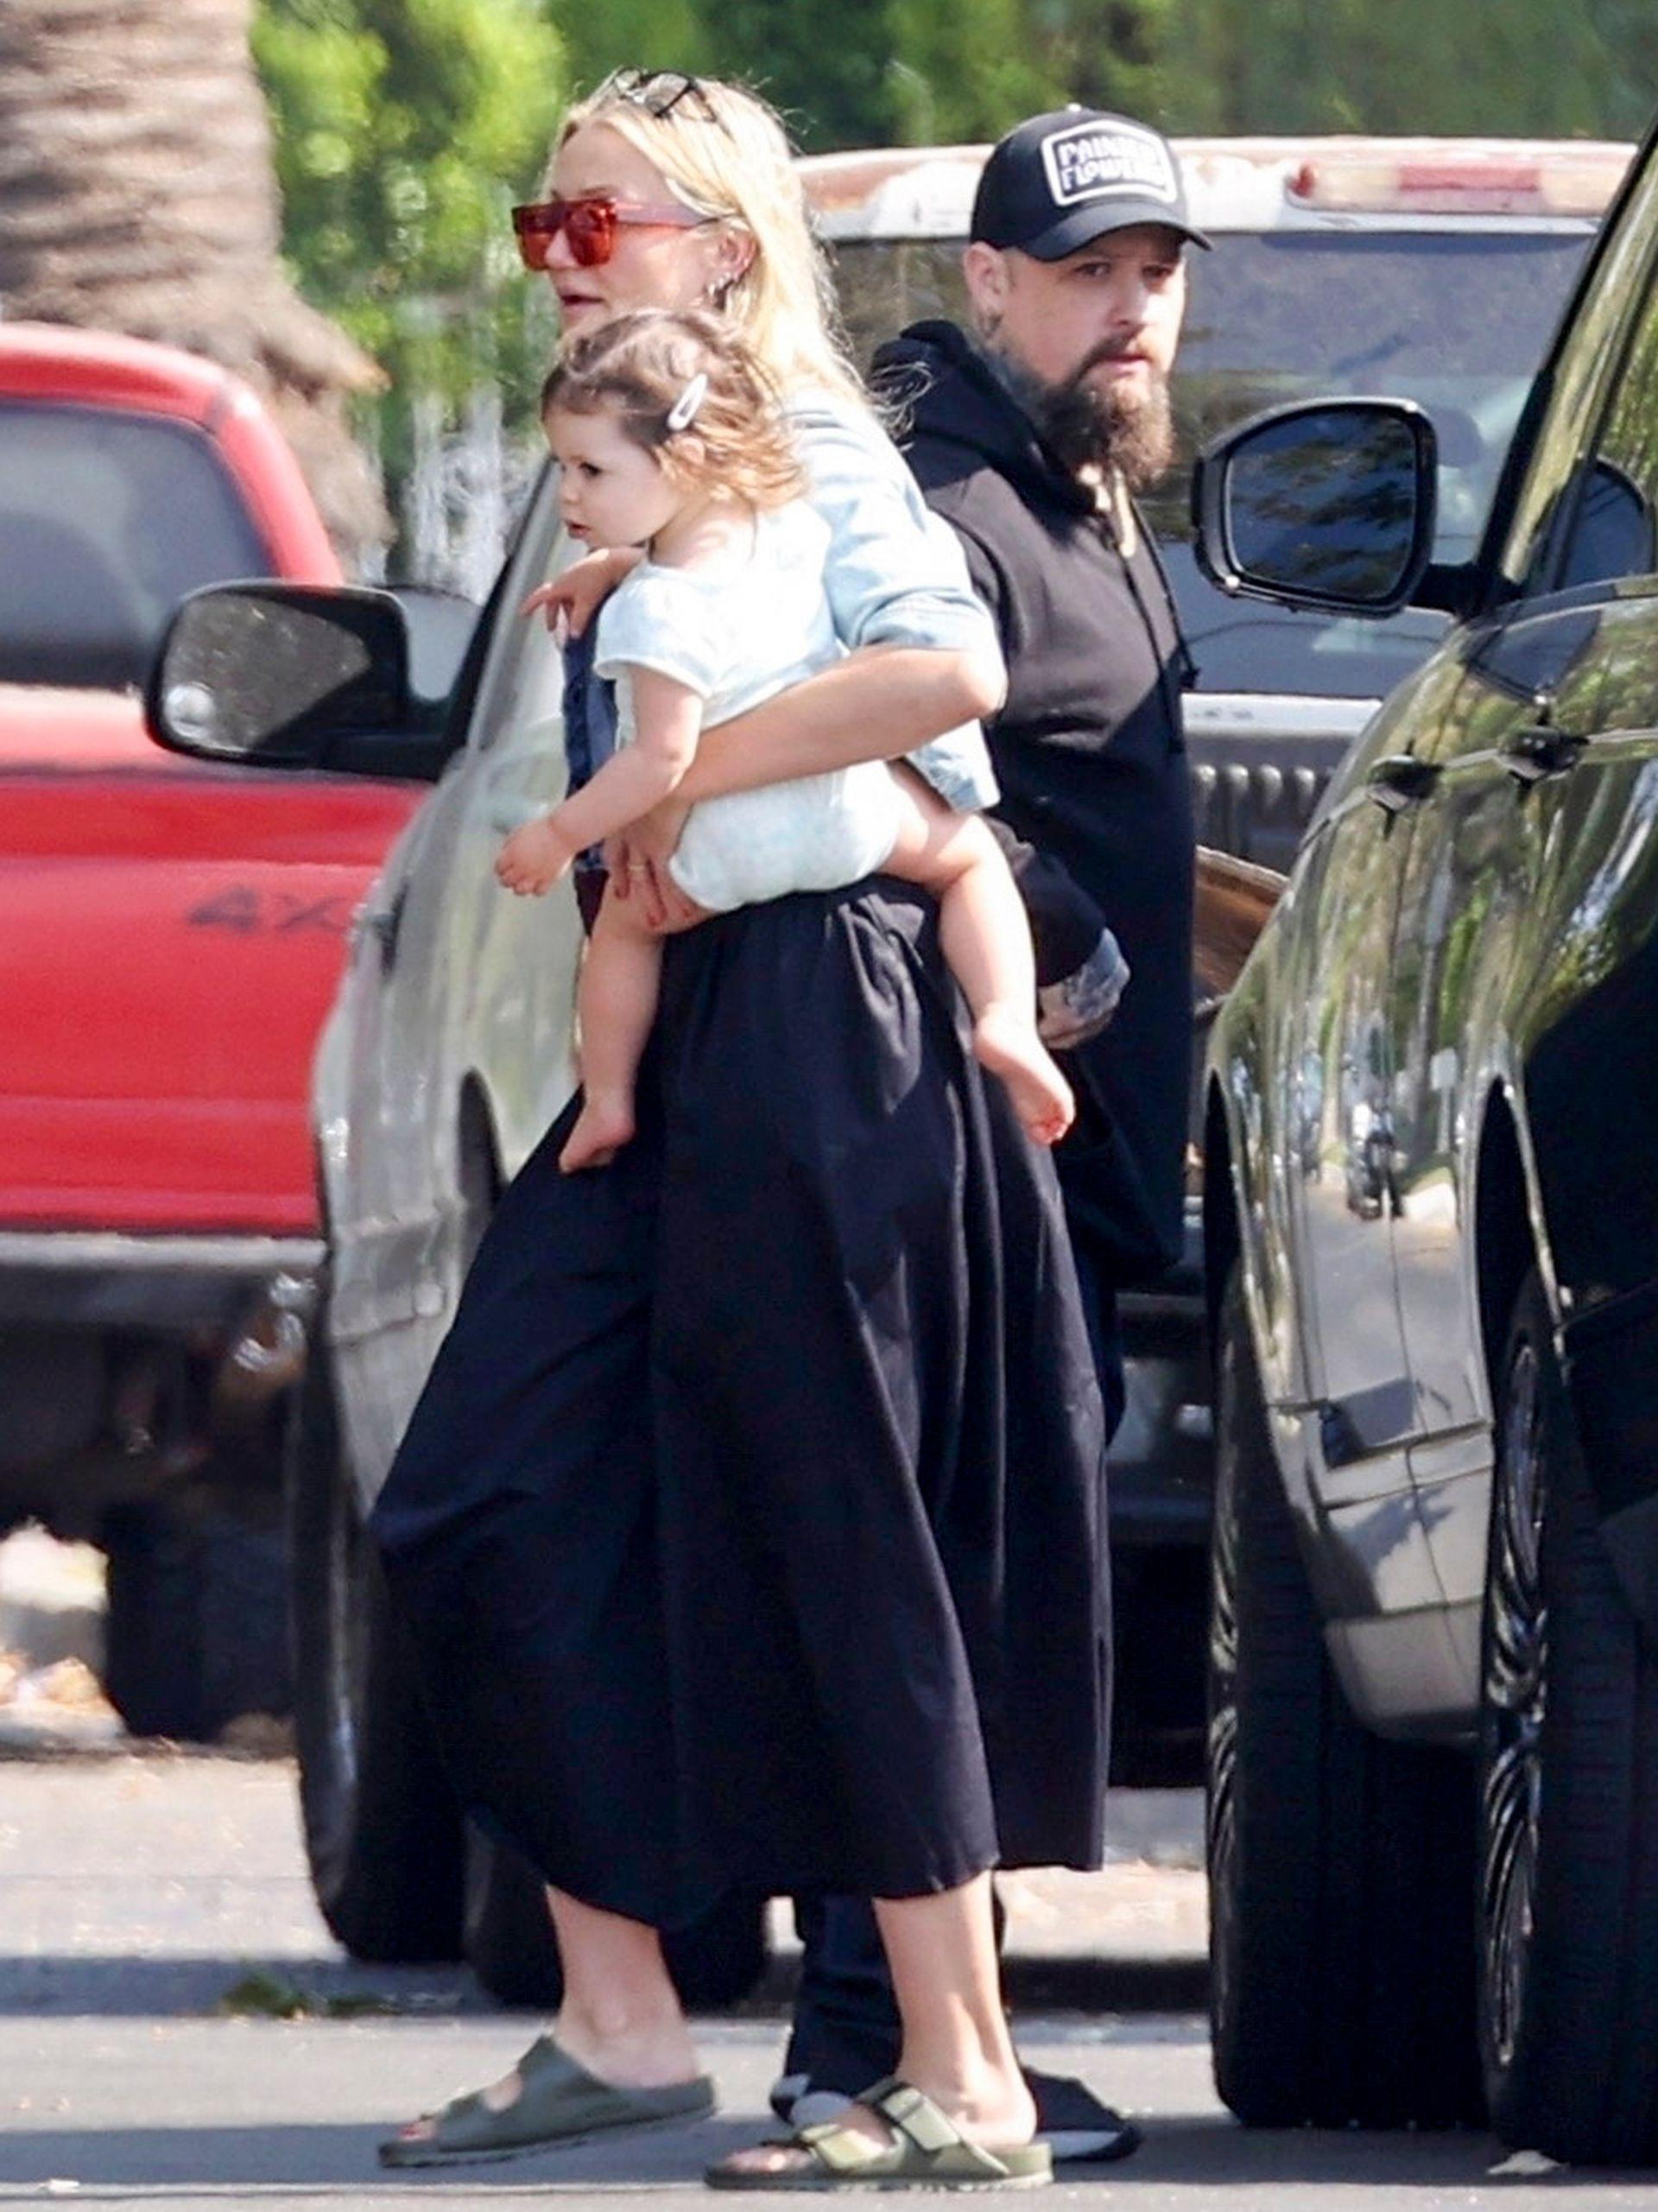 Cameron Diaz, su esposo Benji Madden y su hija Raddix fueron fotografiados mientras salían a desayunar en Los Ángeles